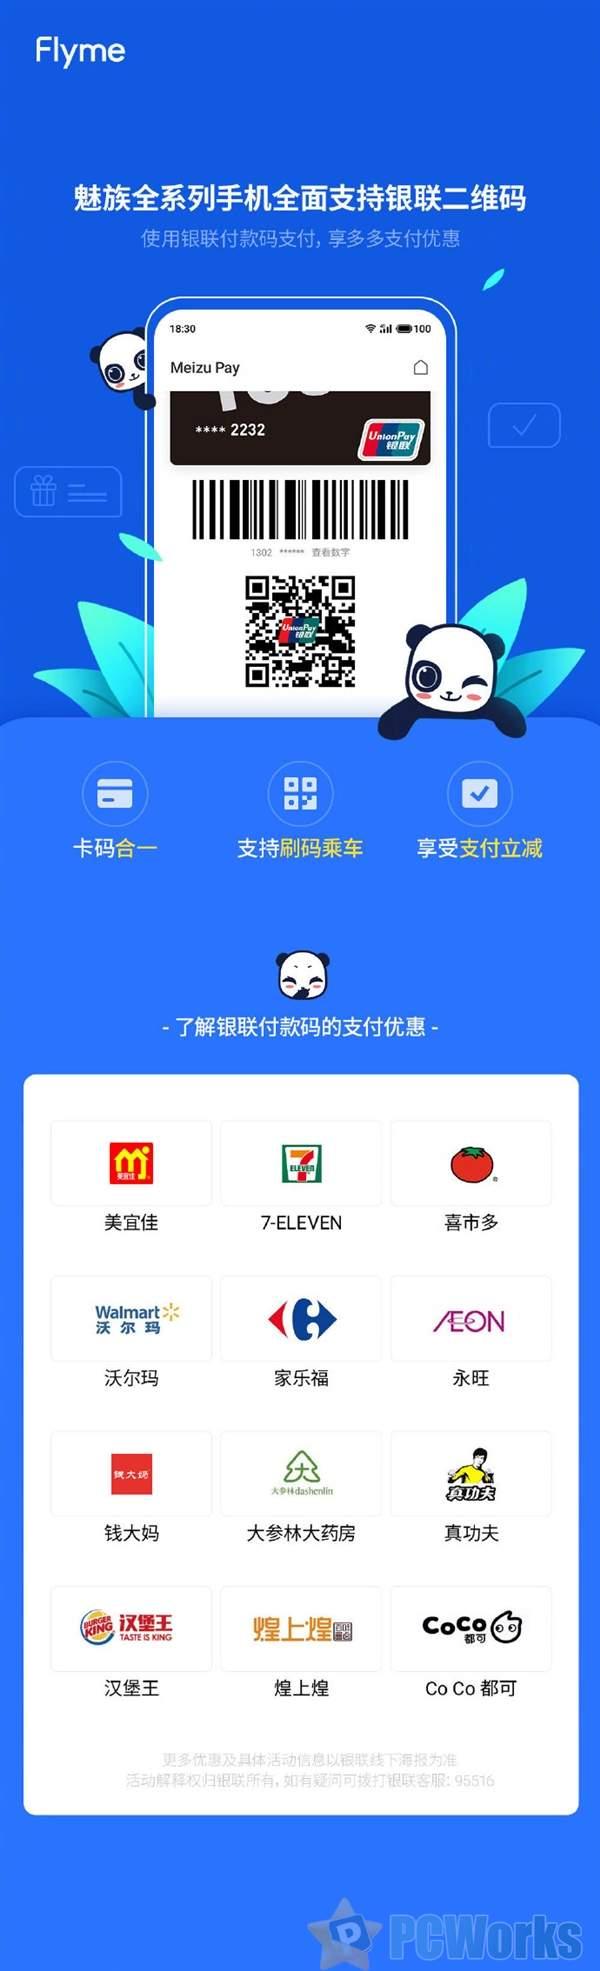 Meizu Pay升级:魅族全系手机新增银联二维码付款